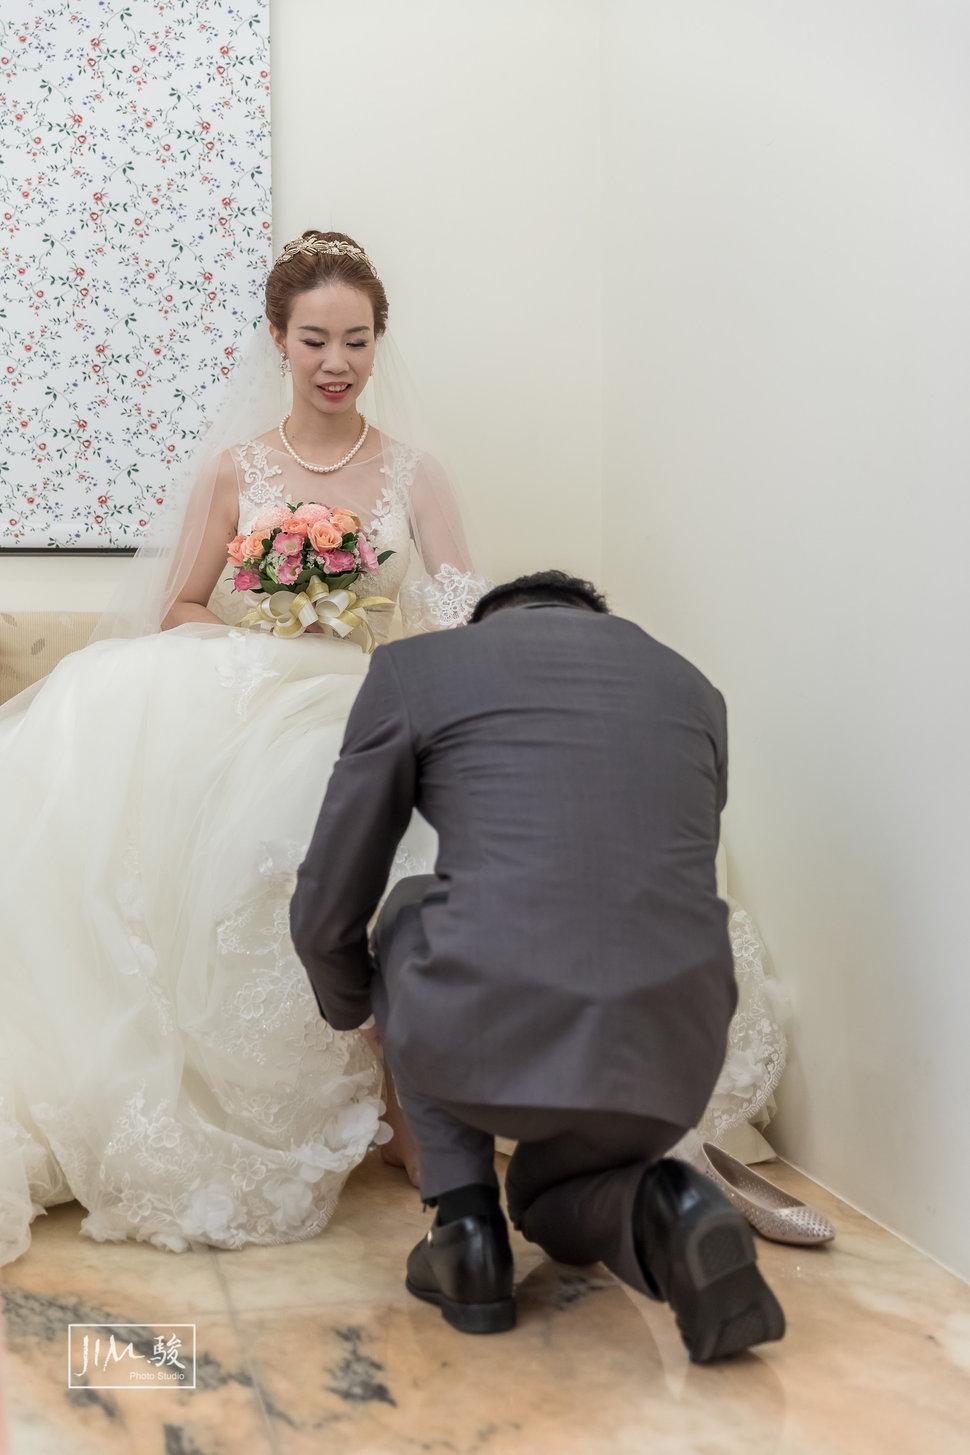 16' 1105 玨秀&正宇 文定+迎娶(編號:515978) - JIM 駿 PHOTO Studio - 結婚吧